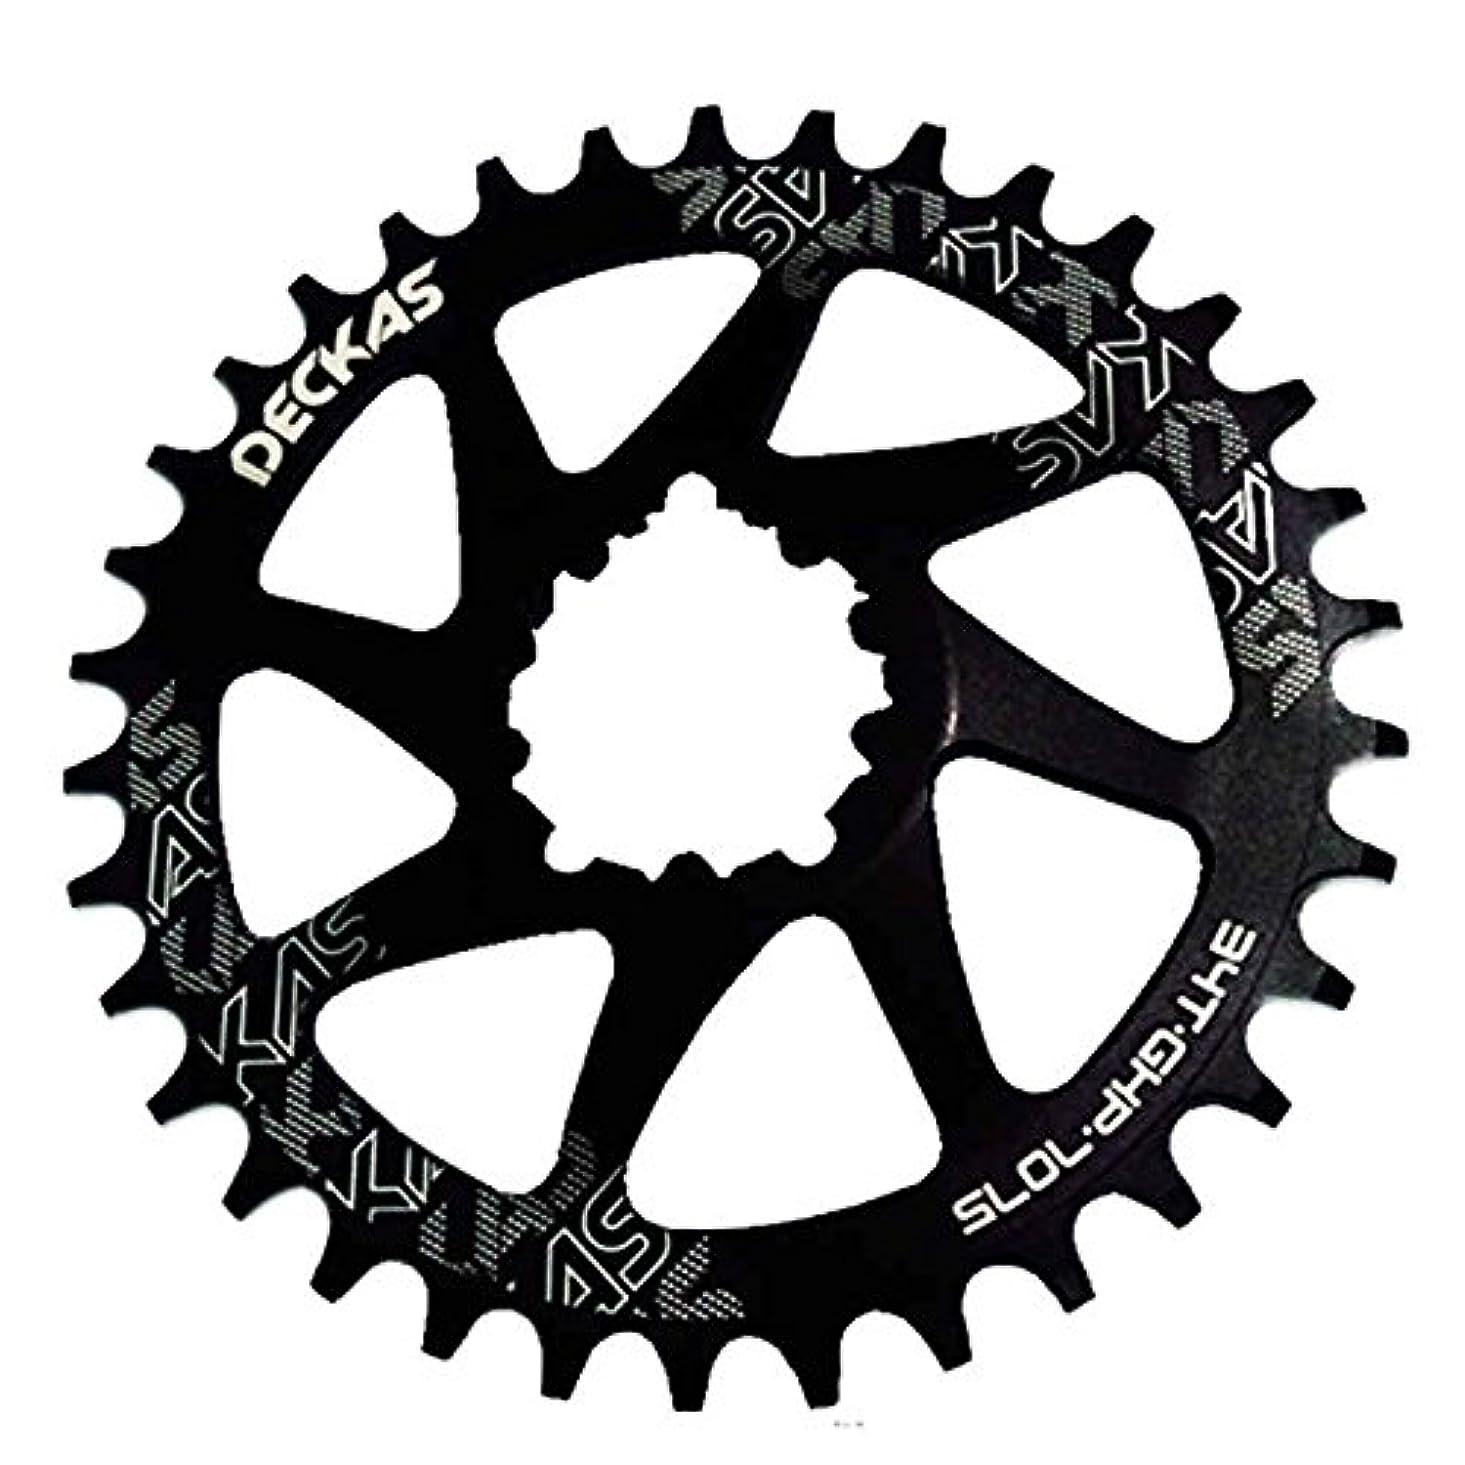 ひねくれた参照する敬意を表してPropenary - GXP bicycle crankset Al 7075 CNC32T 34T Narrow Wide Chainring Chainwheel for Sram XX1 XO1 X1 GX XO...